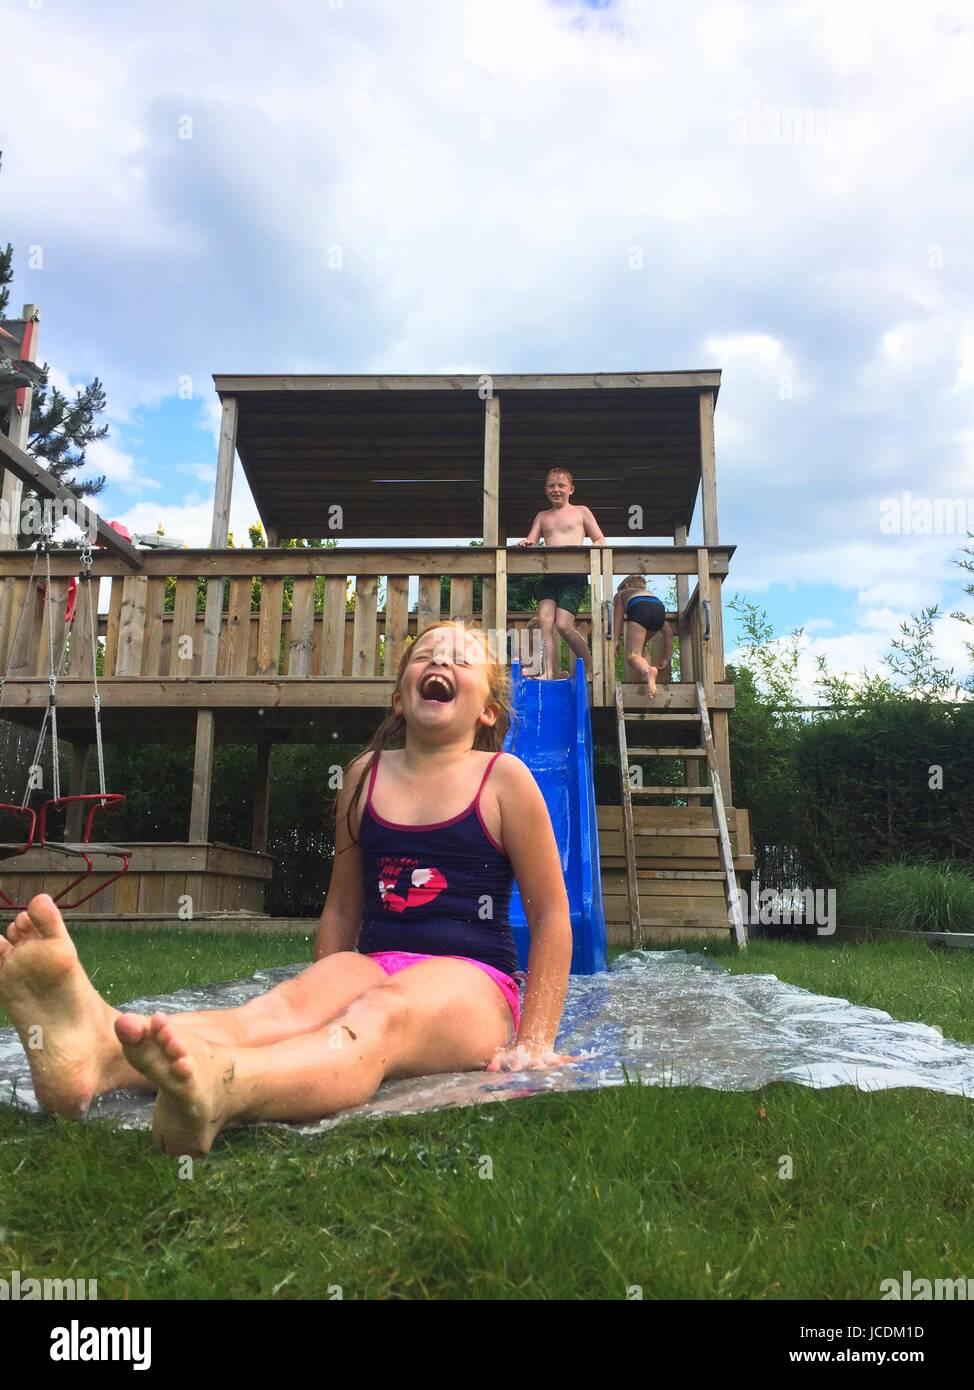 Kinder spielen auf einer Wasserrutsche im Garten im Sommer Stockbild